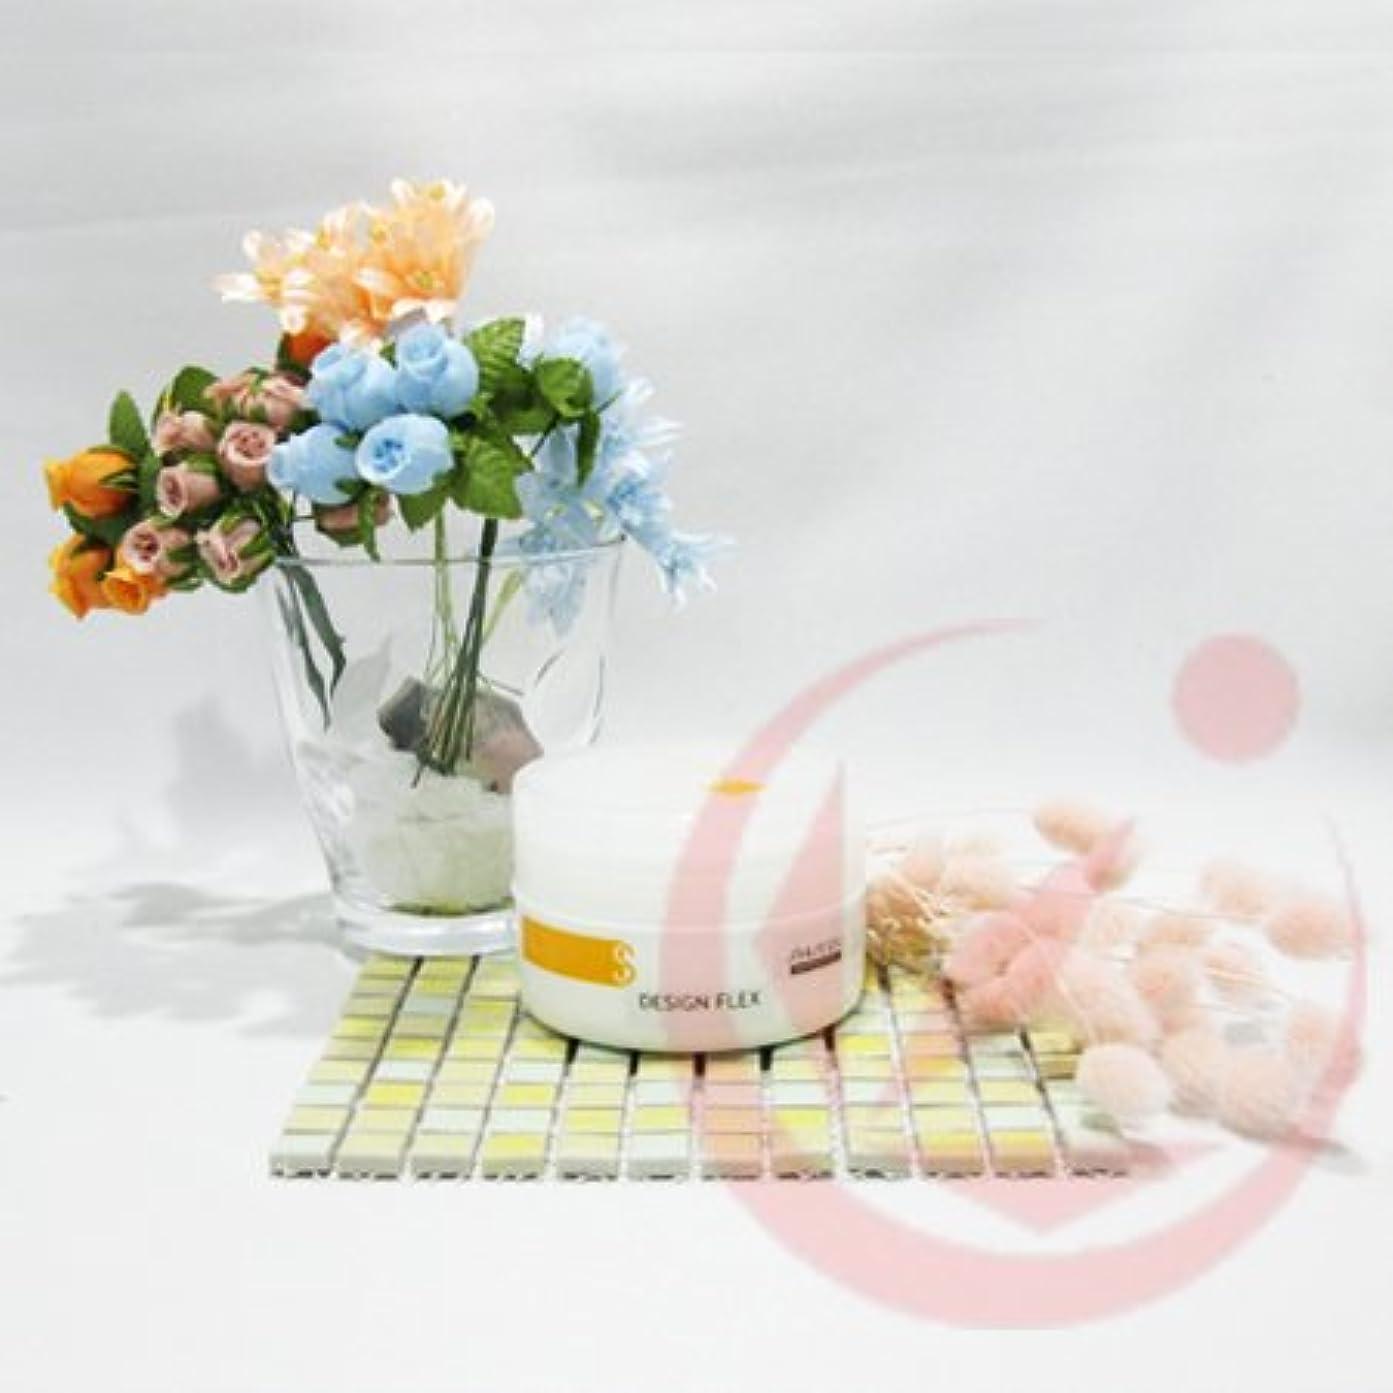 レシピバンク透過性資生堂 デザインフレックス エアテイスト ワックス(ソフト) 90g